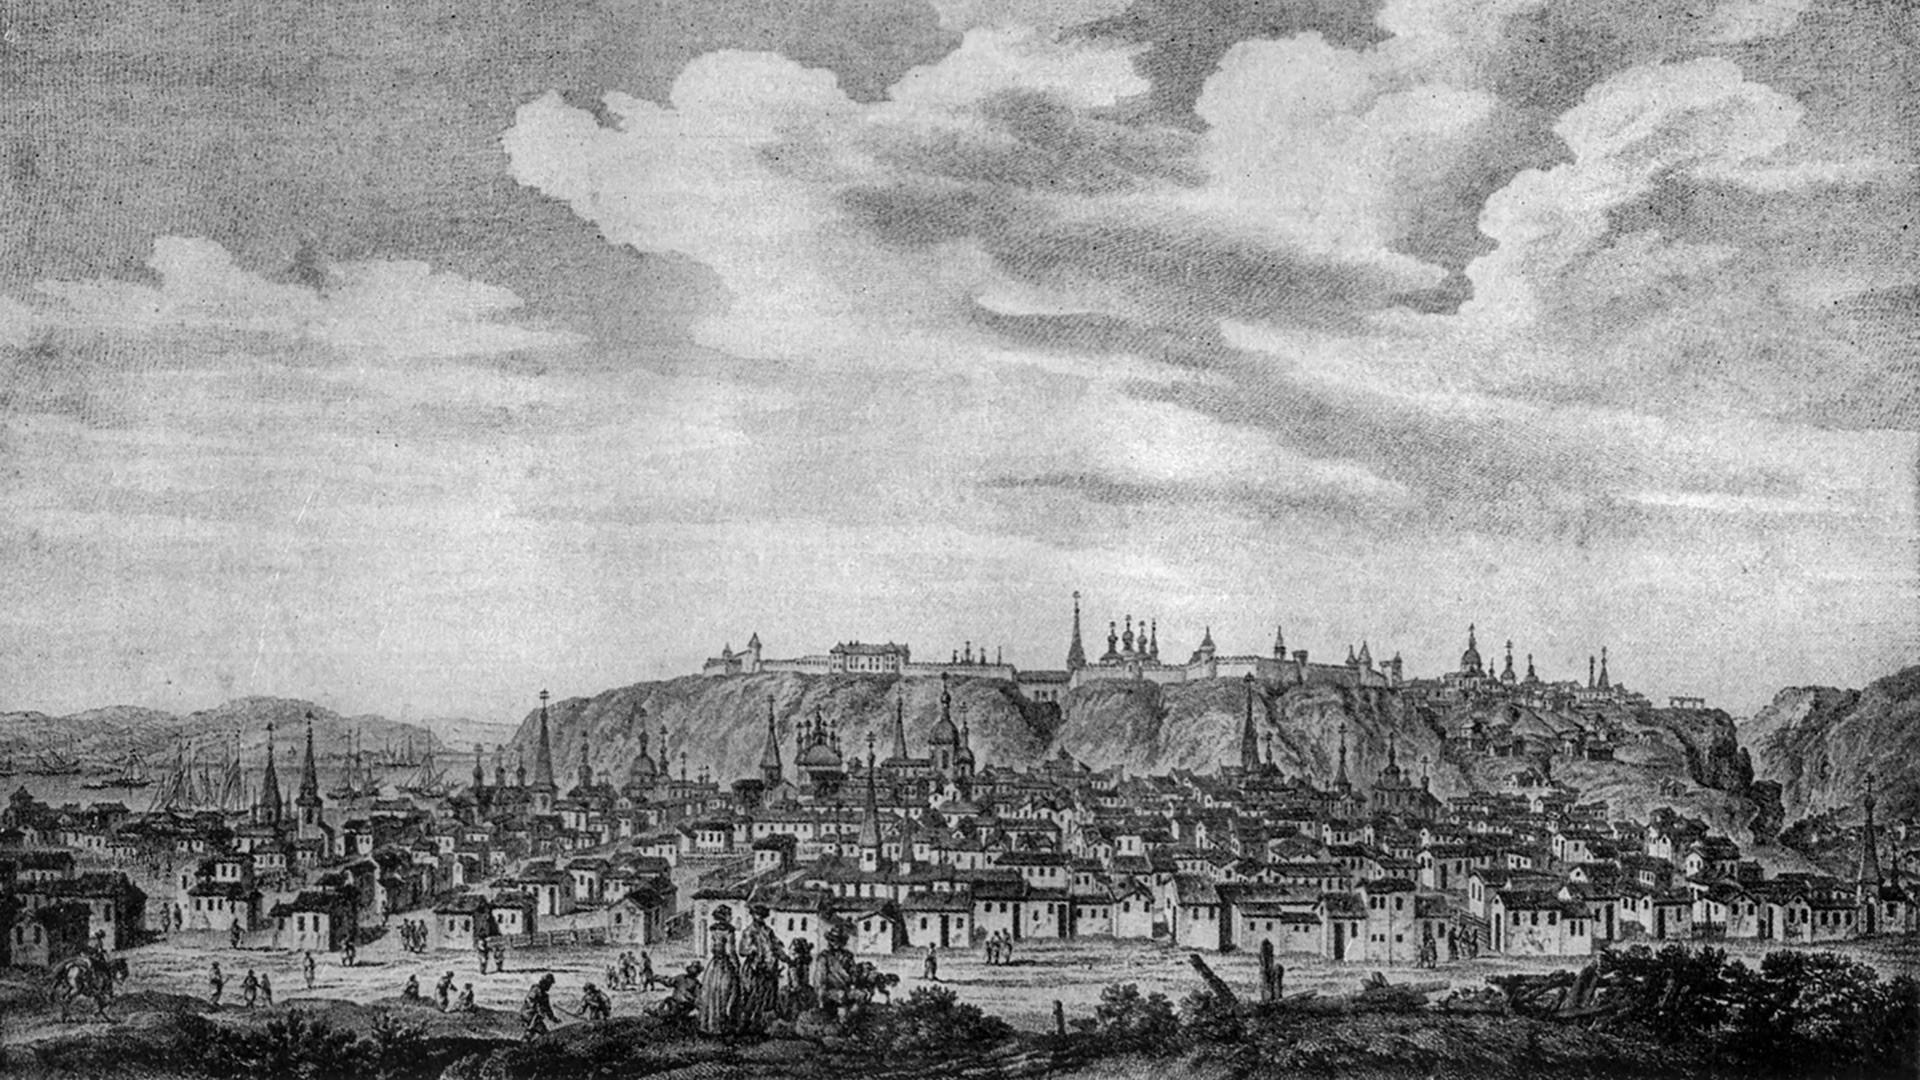 Град Тоболск, Алфред Николас Рамбо, 1898.